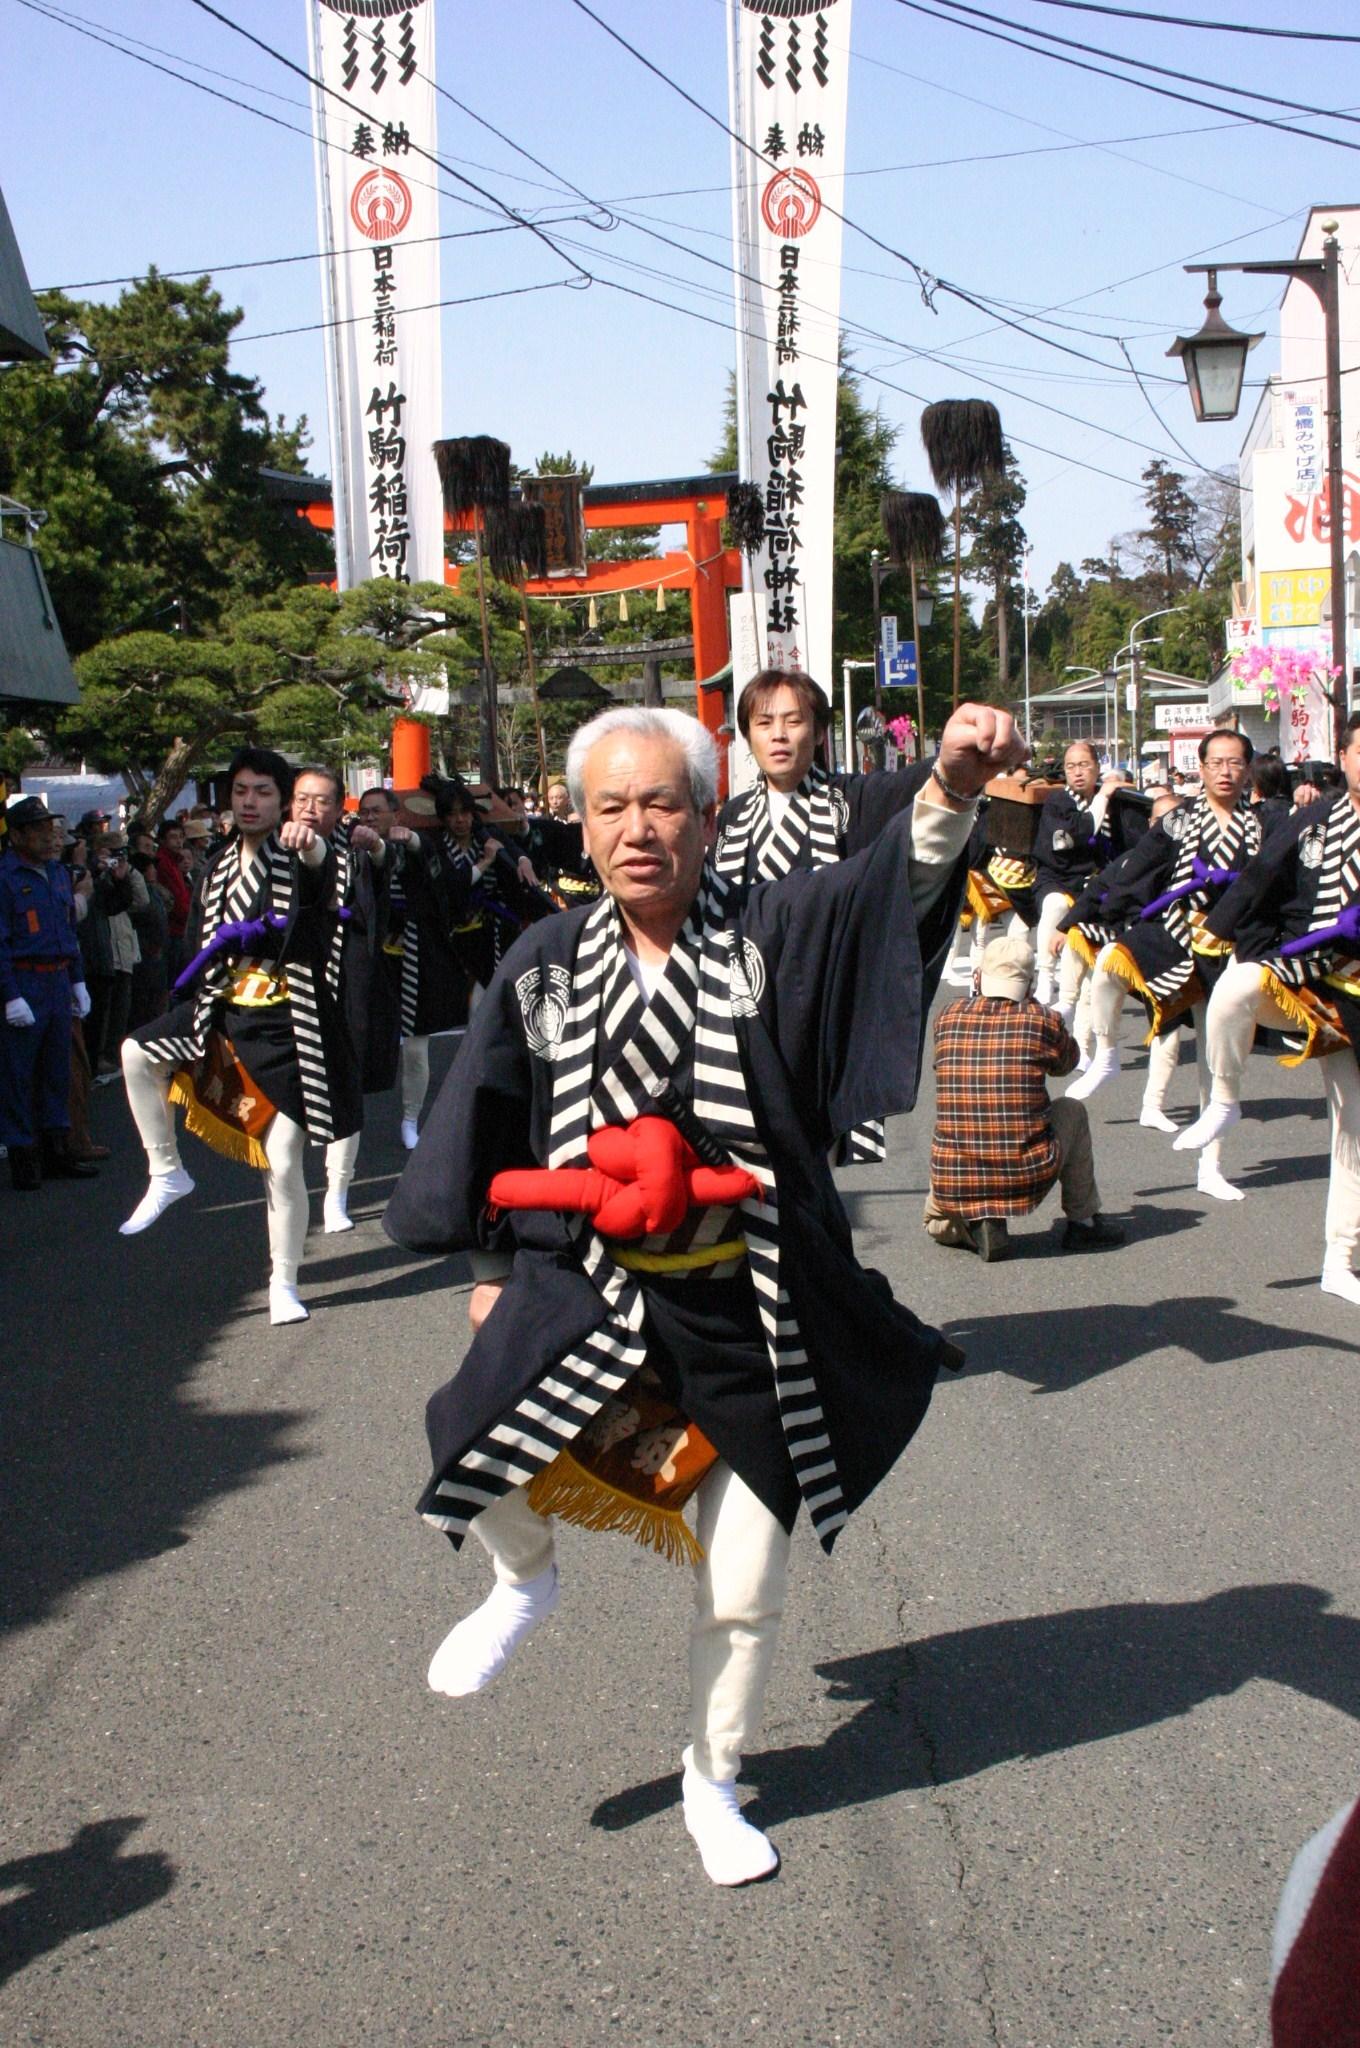 ศาลเจ้า ทาเคโคมะ อินาริ -เทศกาลปีใหม่